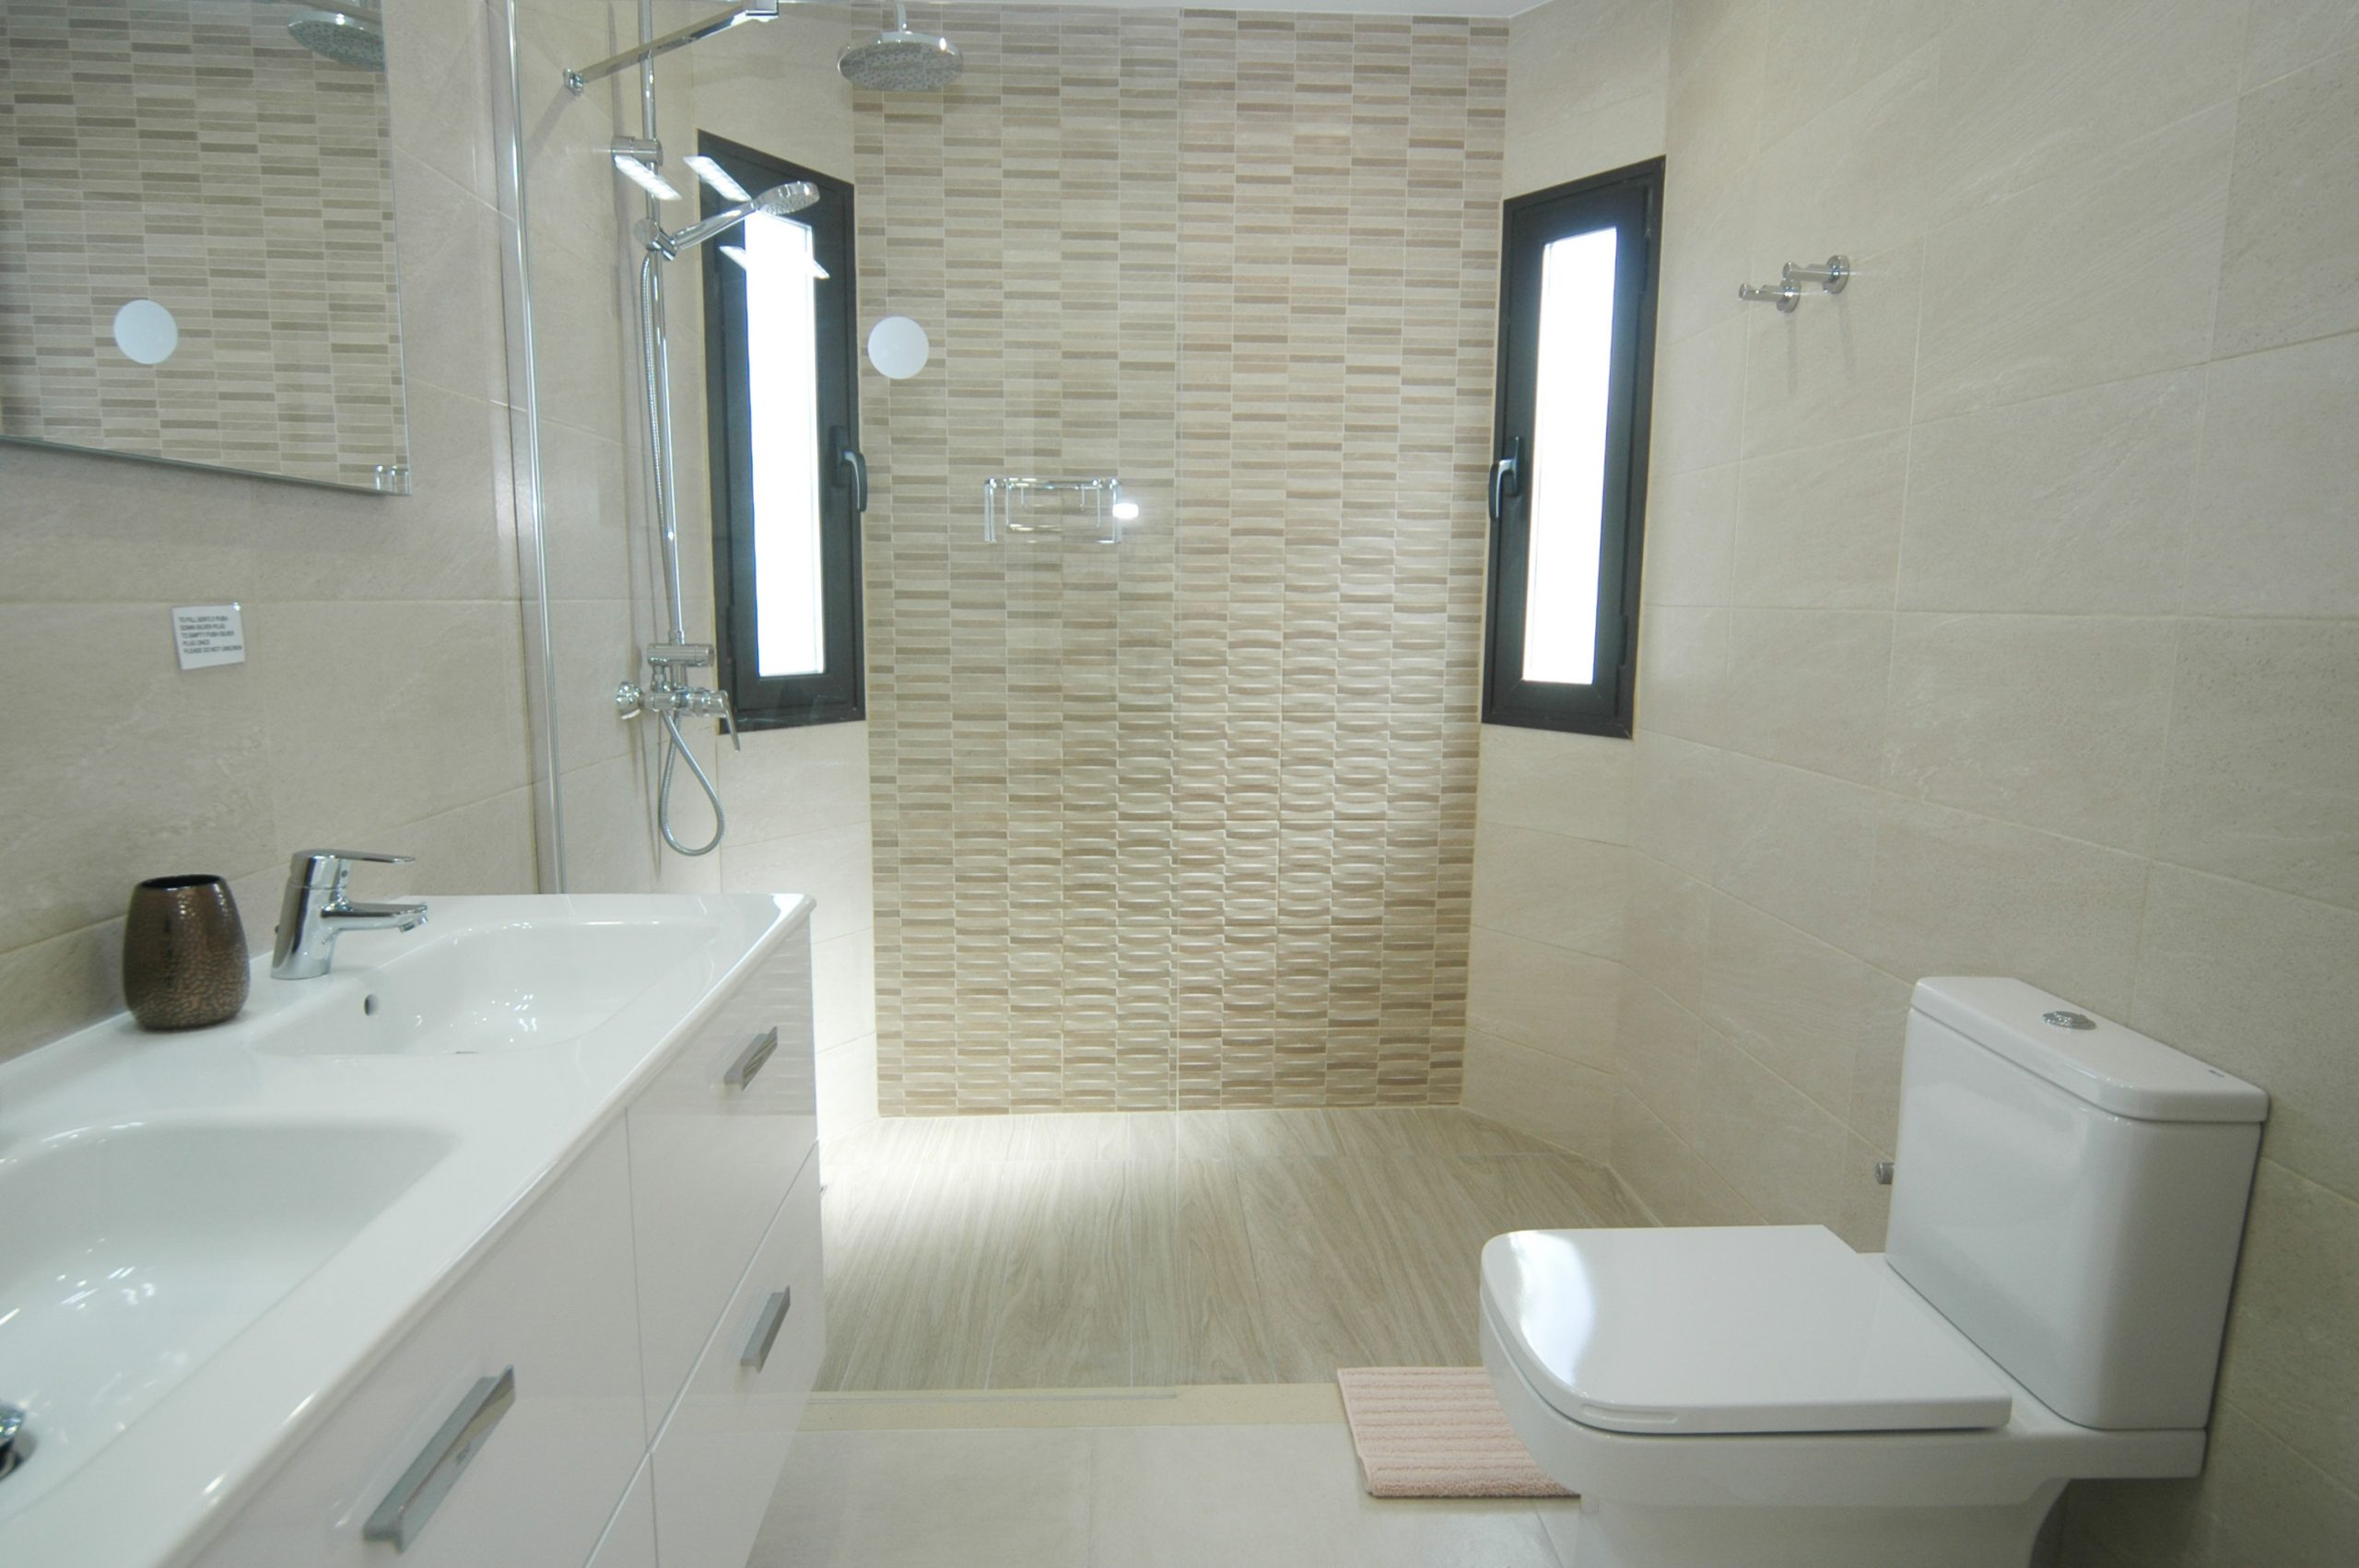 LVC281800 Shower room